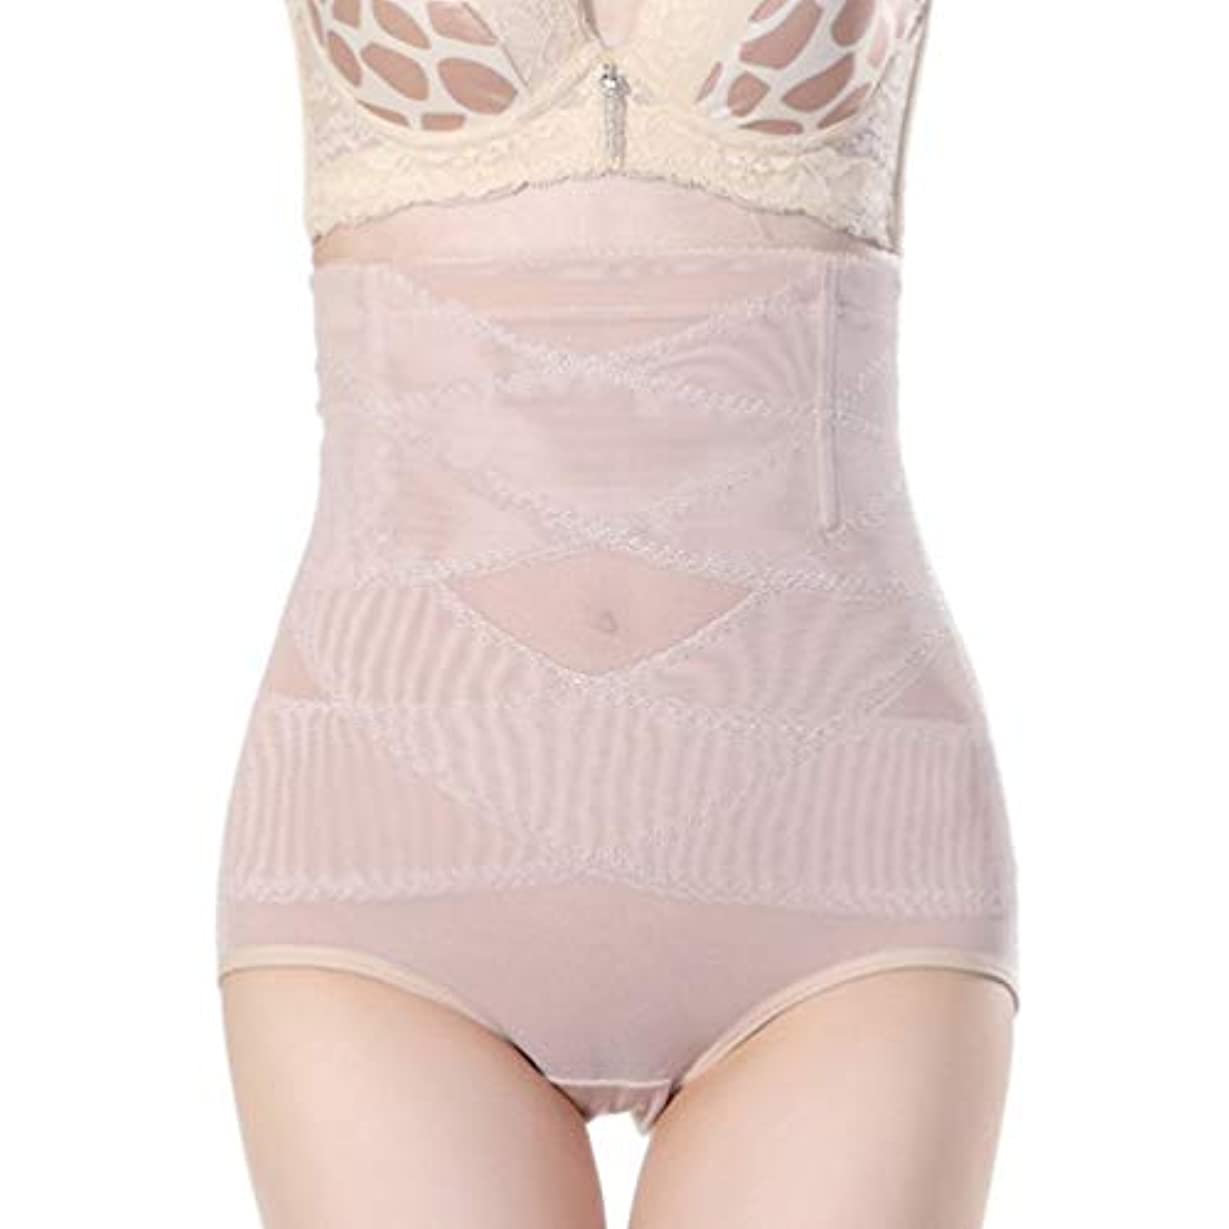 バランスデザートキャスト腹部制御下着シームレスおなかコントロールパンティーバットリフターボディシェイパーを痩身通気性のハイウエストの女性 - 肌色M